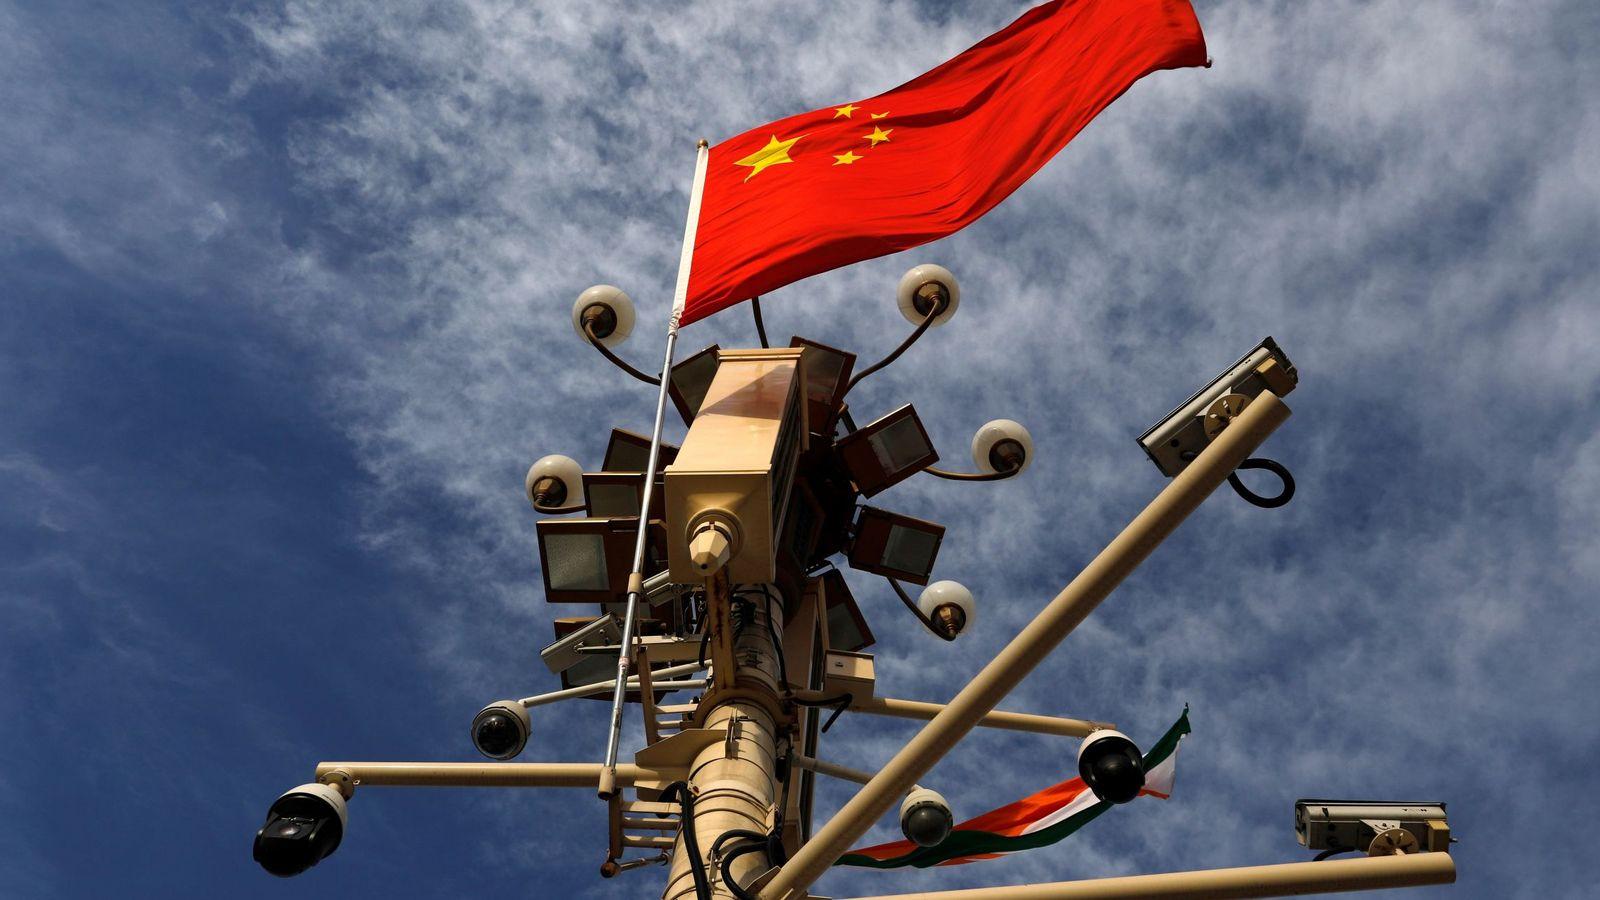 Foto: Cámaras de vigilancia en la plaza de Tiananmen en Pekín. (EFE)